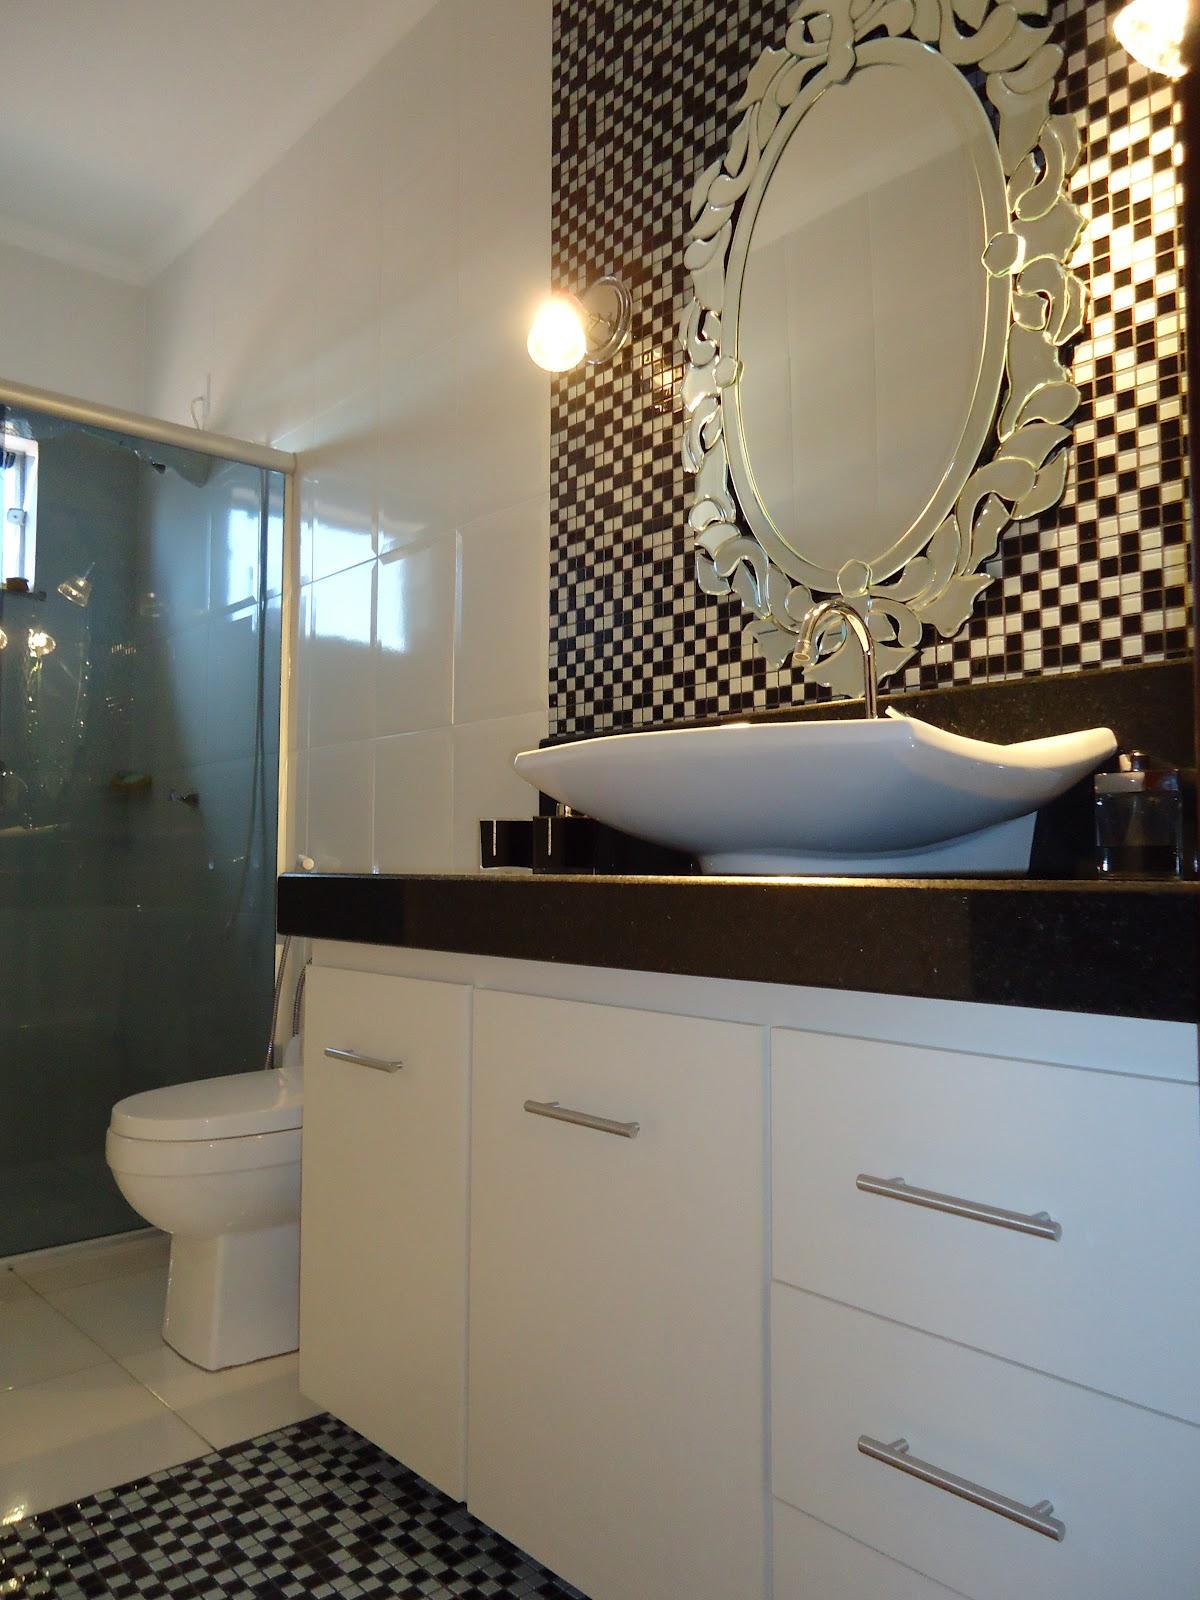 Arquiteta Bianca Monteiro: Pastilhas e vidro nos banheiros #8B7540 1200x1600 Banheiro Com Pastilha Branca E Preta